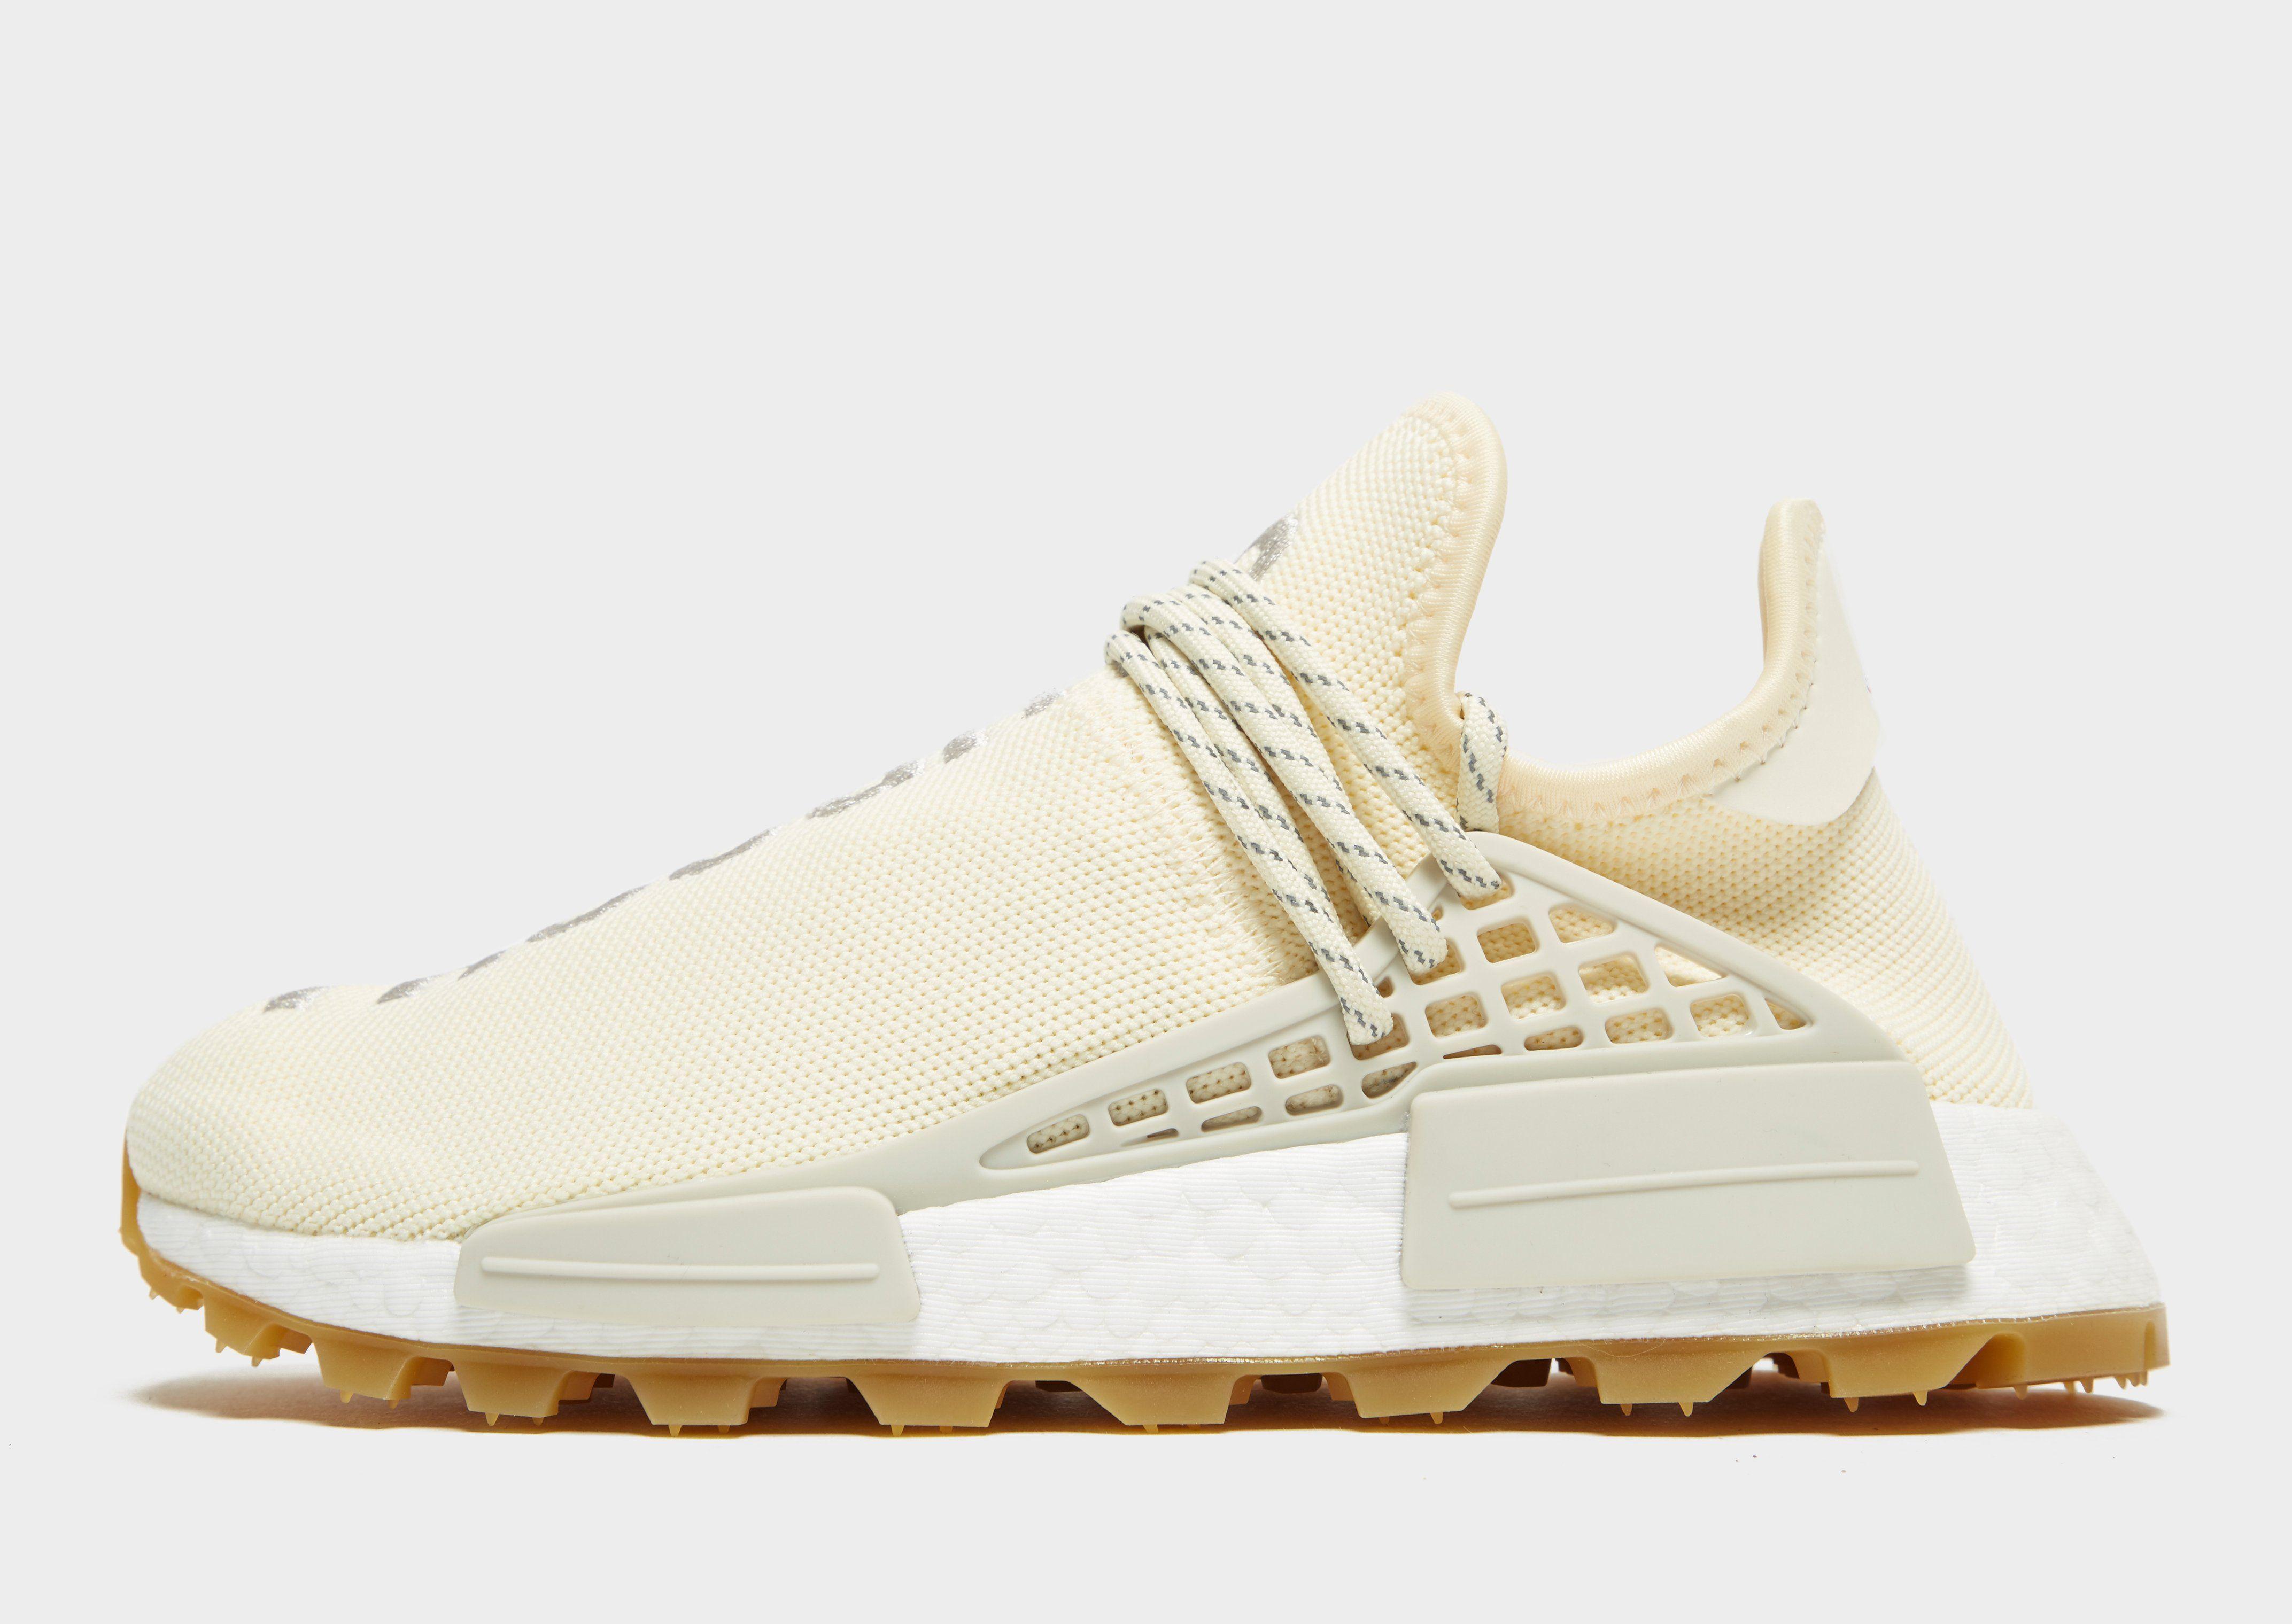 adidas Originals x Pharrell Williams Hu NMD Proud Femme | JD Sports